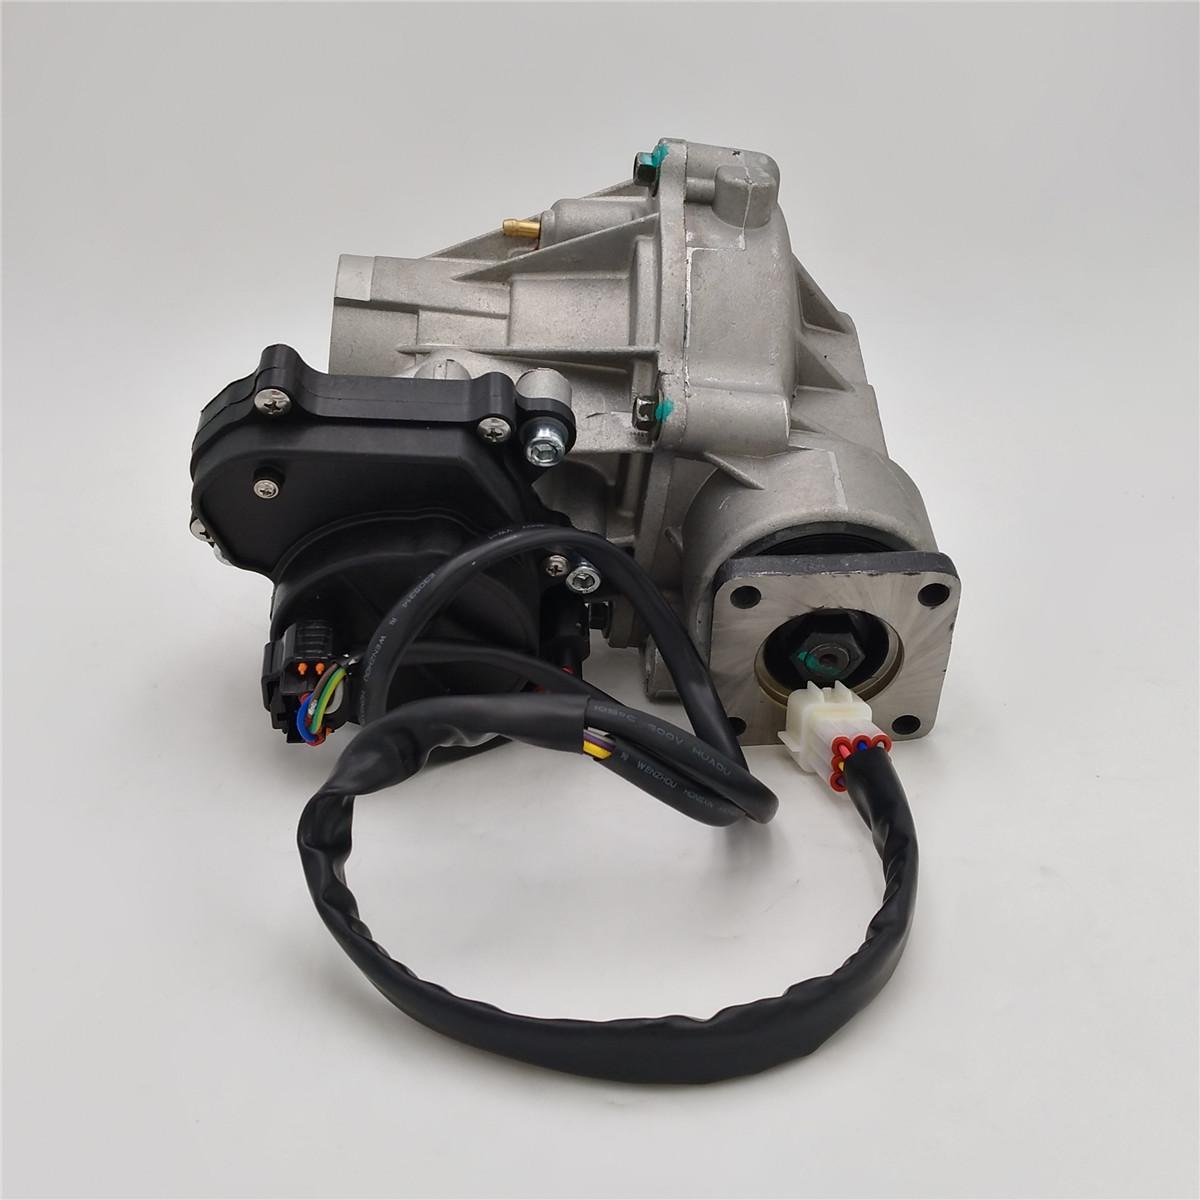 Front Axle Cfmoto 500cc 600cc 800cc ATV UTV Differential Quad Go Kart Reducer 3